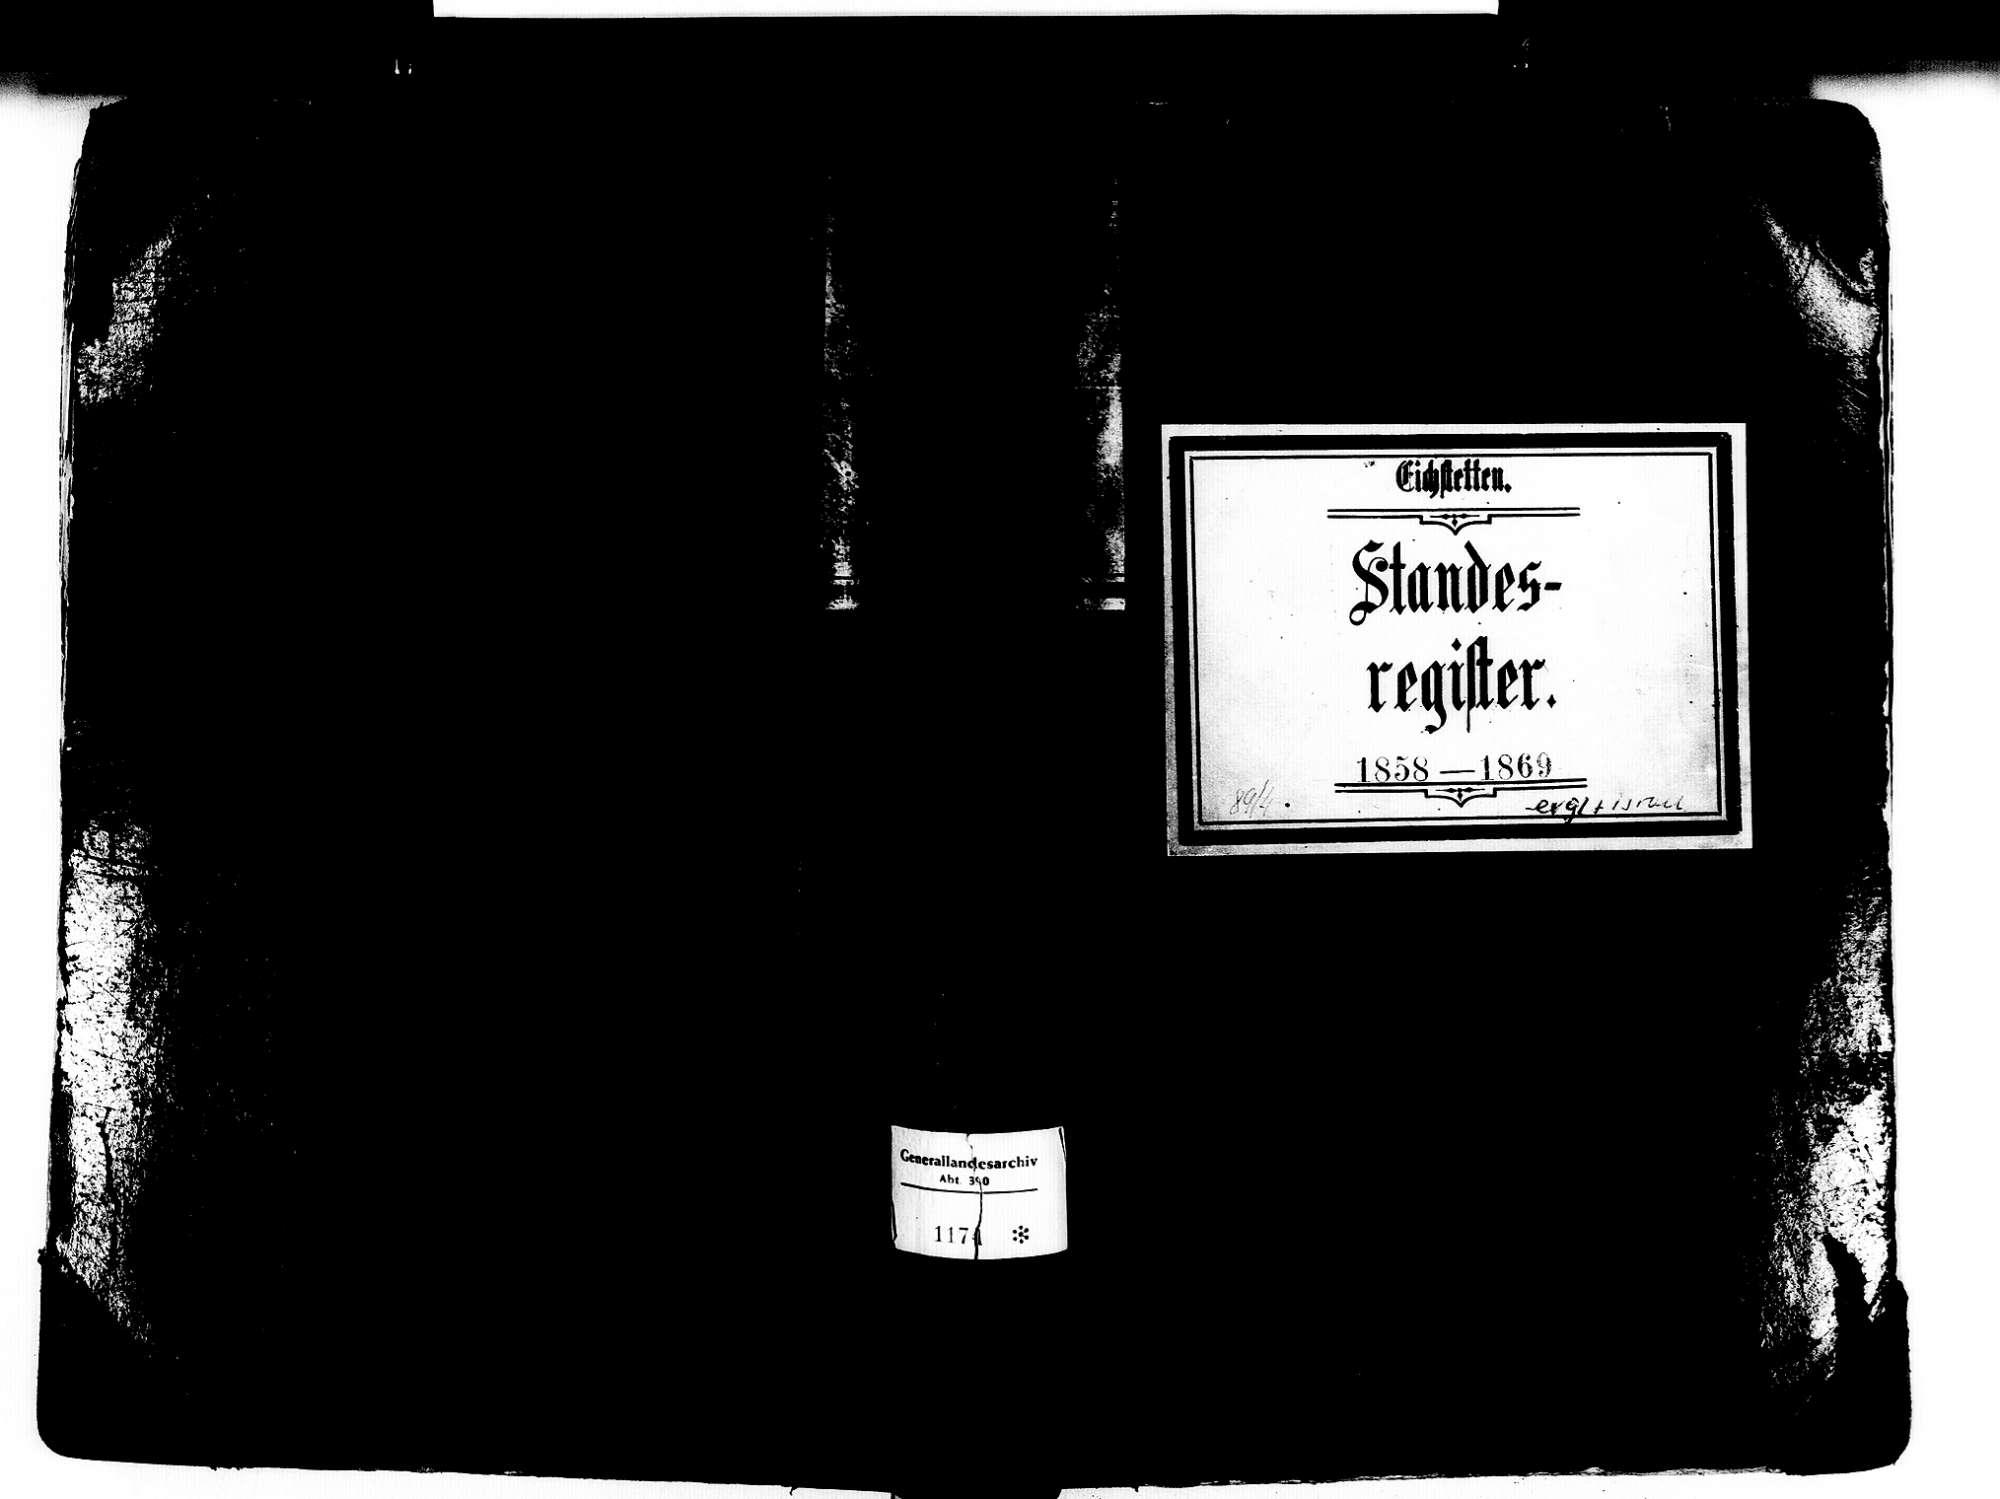 Eichstetten FR; Evangelische Gemeinde: Standesbuch 1858-1869 Eichstetten FR; Israelitische Gemeinde: Standesbuch 1858-1869, Bild 1